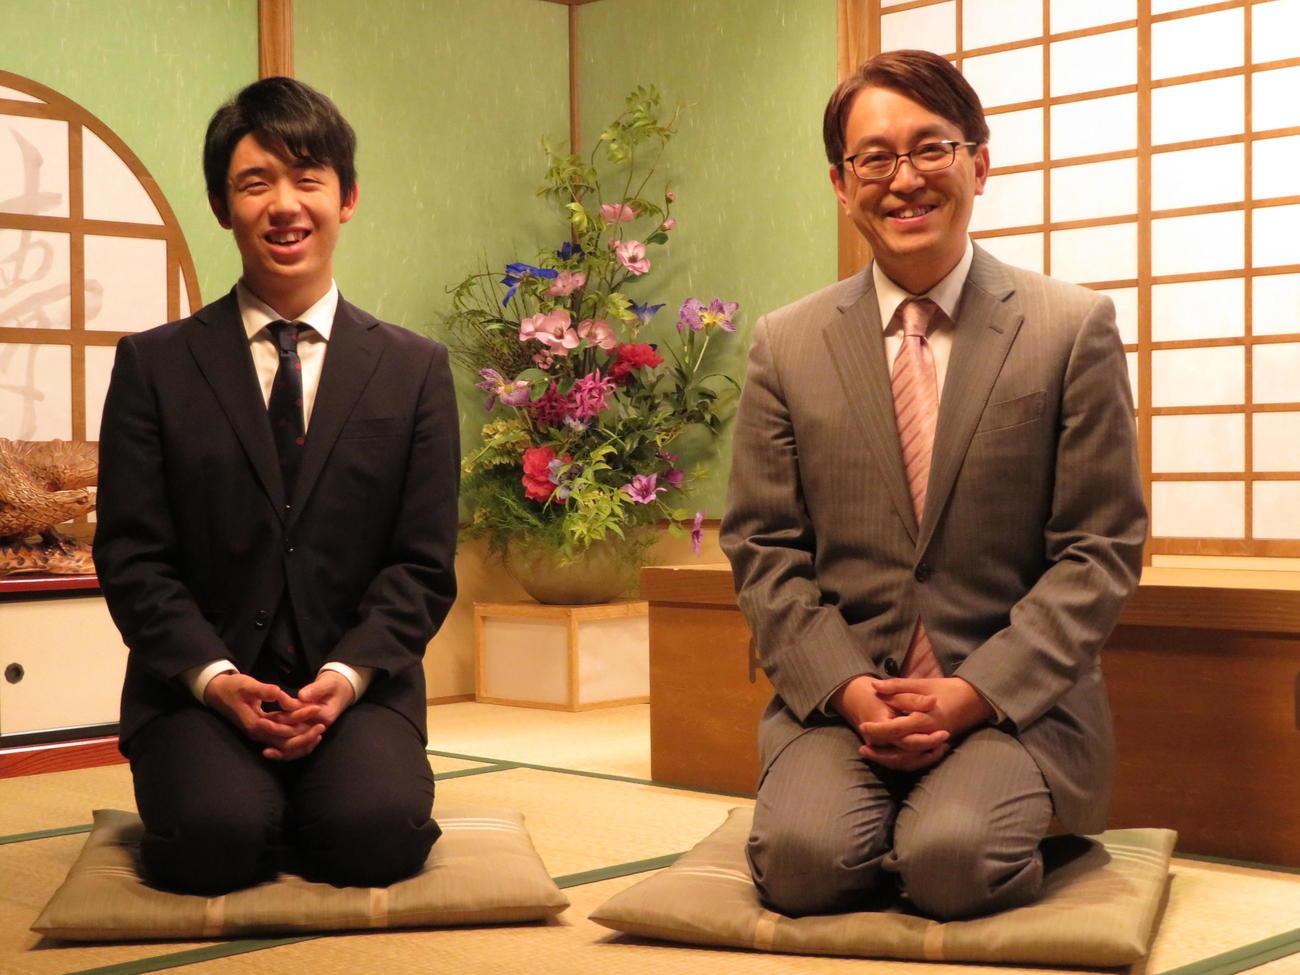 藤井聡太七段と羽生善治九段